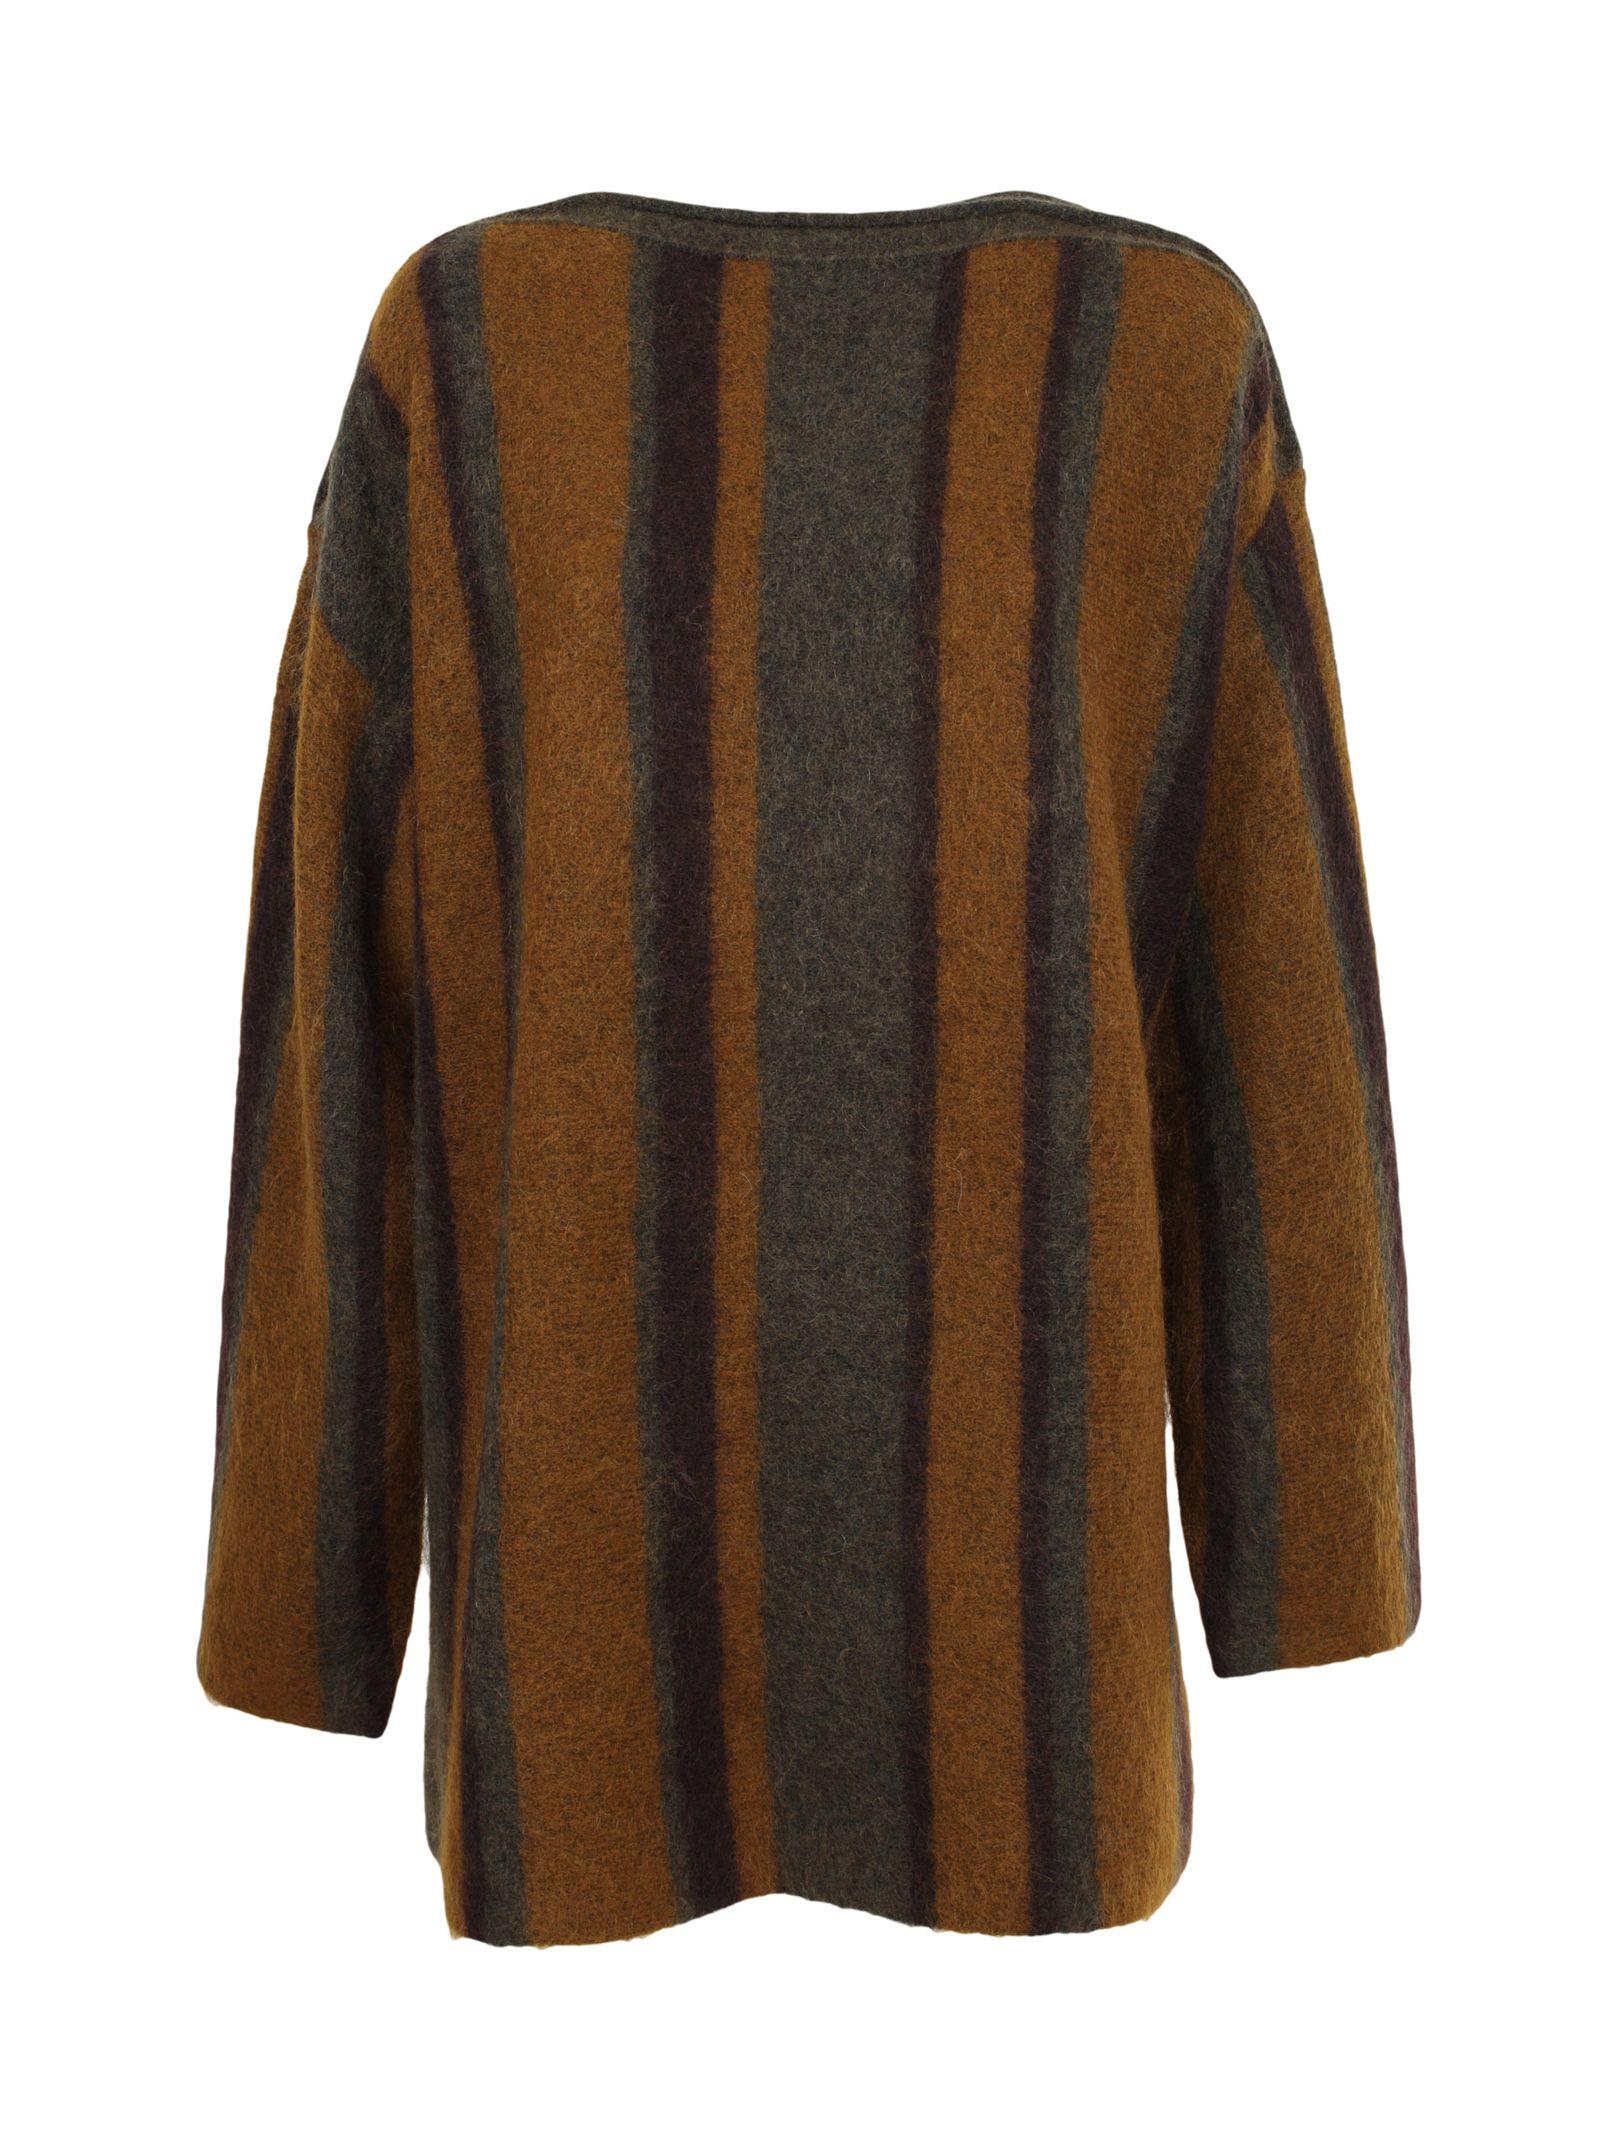 Acne Studio Striped Sweater